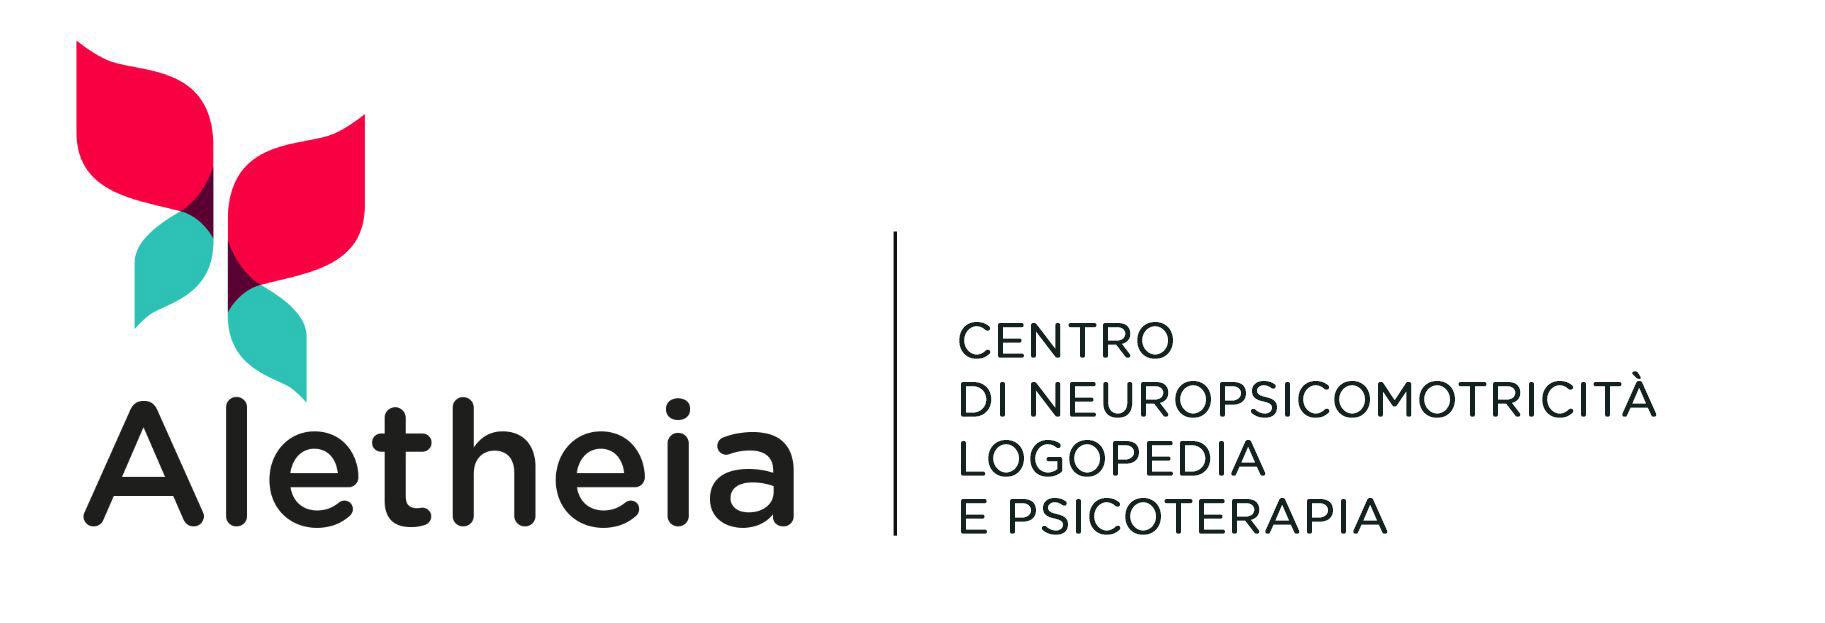 centroaletheia